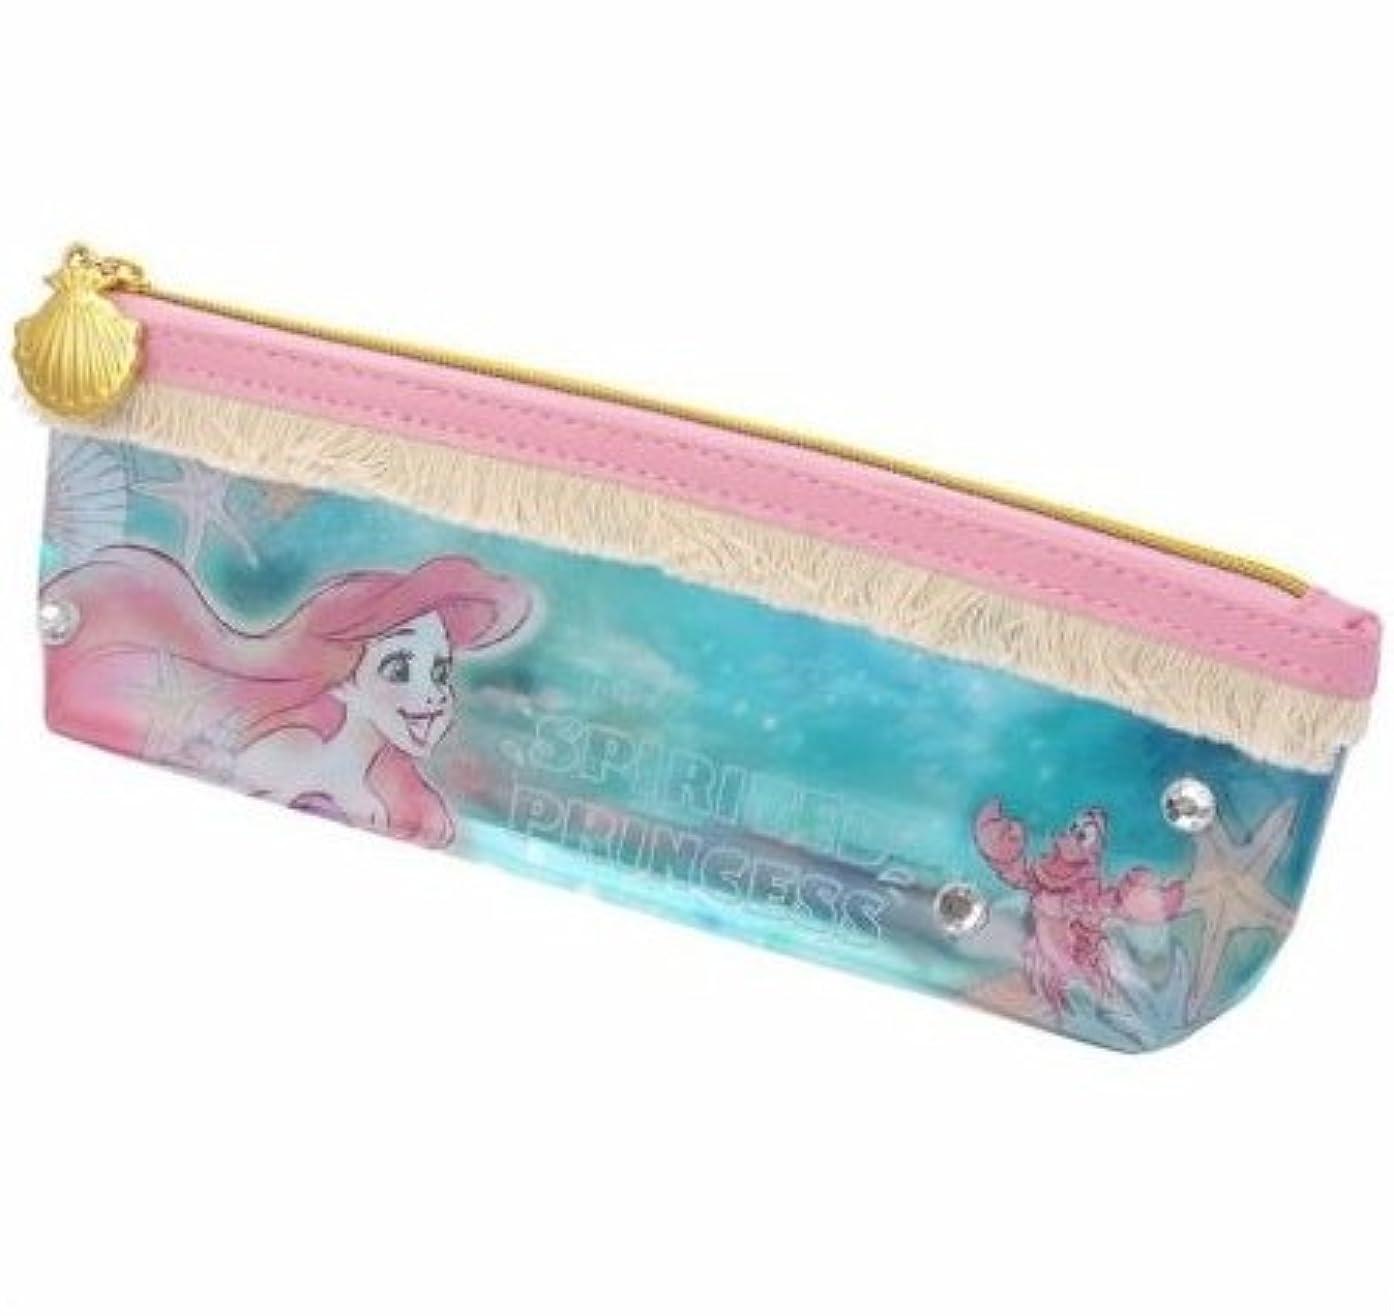 アリエル Crystal Dream Mermaid 歯ブラシセット ディズニーストア